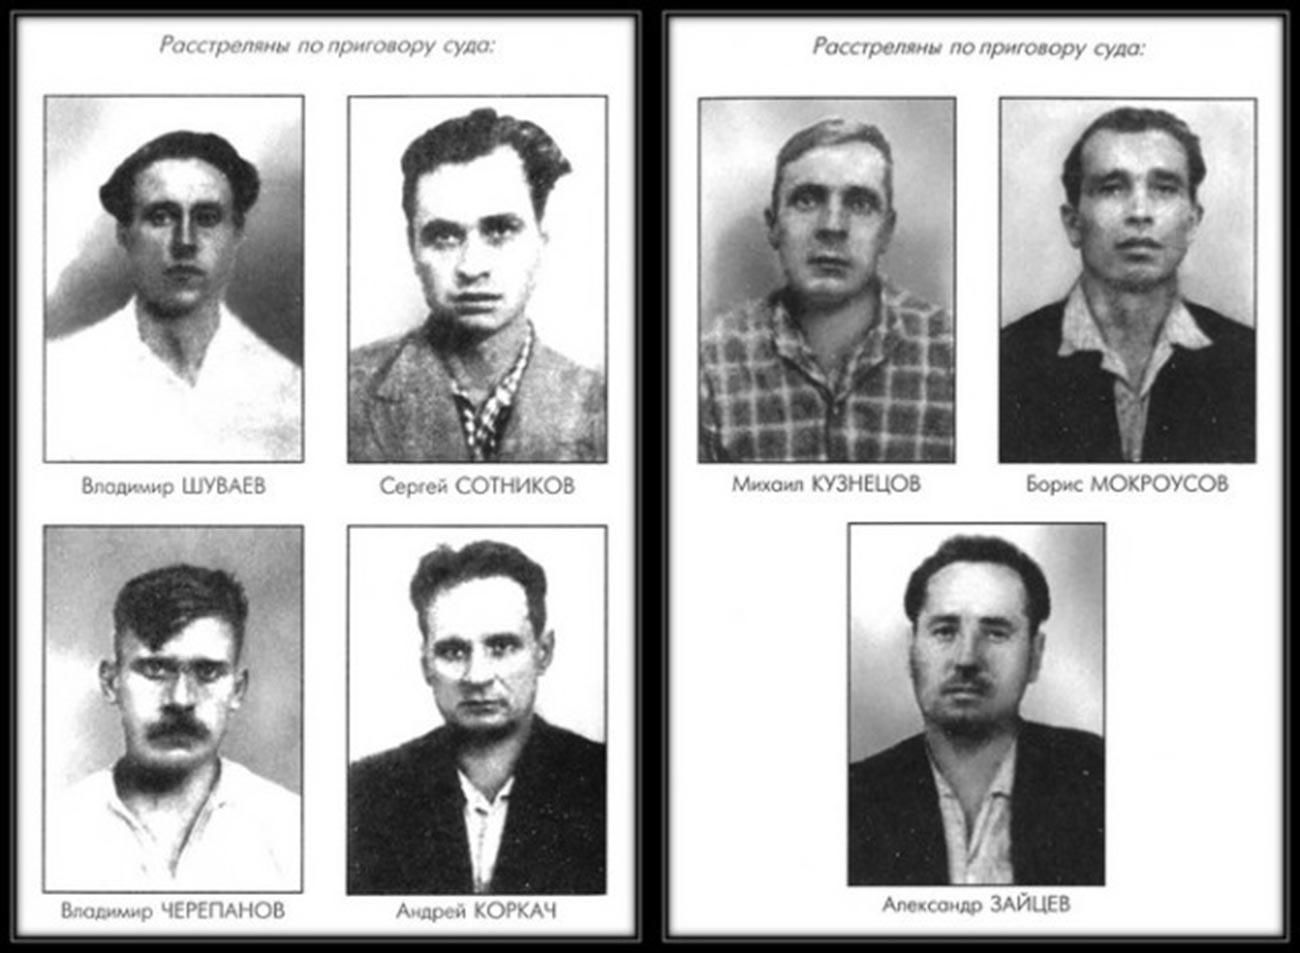 Sieben Arbeiter der NEBF, die zur Hinrichtung verurteilt wurden: Wladimir Schuwajew, Sergei Sotnikow, Michail Kusnezow, Boris Mokroussow, Wladimir Tscherepanow, Andrei Korkatsch, Alexander Saizew.